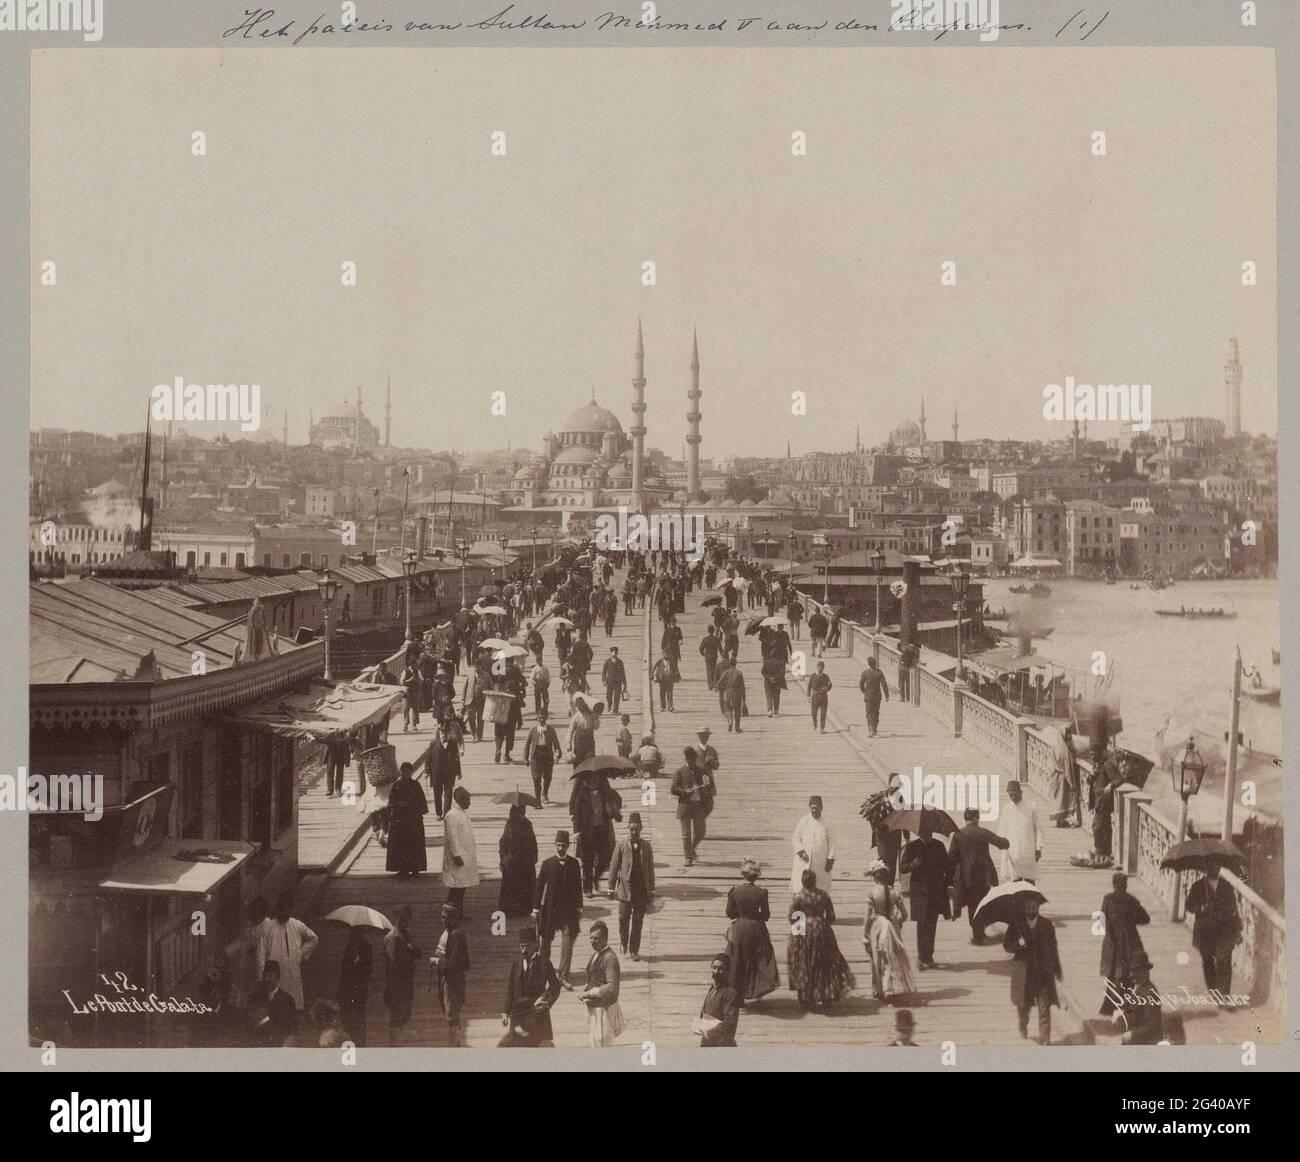 Pont de Galata à Istanbul en direction du quartier d'Eminönü; le Pont de Galata. Partie d'un album photo d'un voyage à travers l'Europe du Sud et le Moyen-Orient. Banque D'Images